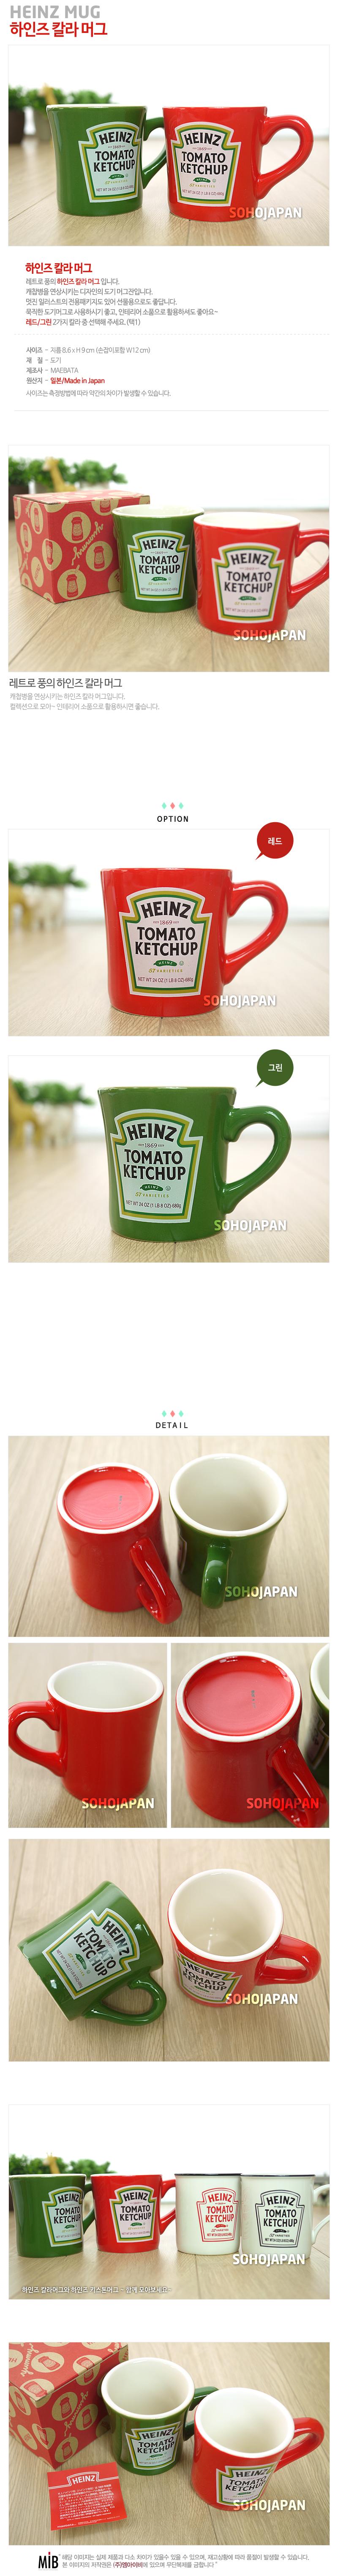 하인즈 칼라 머그 - 썸몰, 22,705원, 머그컵, 커플머그